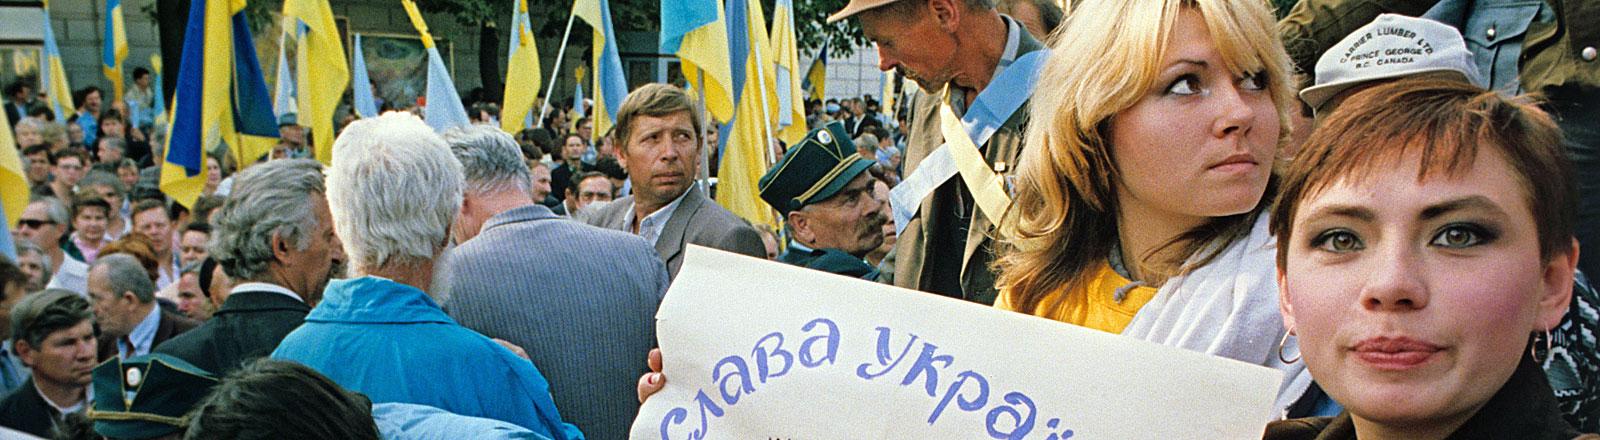 In Kiew demonstrieren am 15.09.1991 Bürger gegen den Unionsvertrag und für die Unabhängigkeit ihrer Republik. Die Ukraine hatte am 24.08.1991 formell ihre Unabhängigkeit von der Zentralregierung in Moskau erklärt.